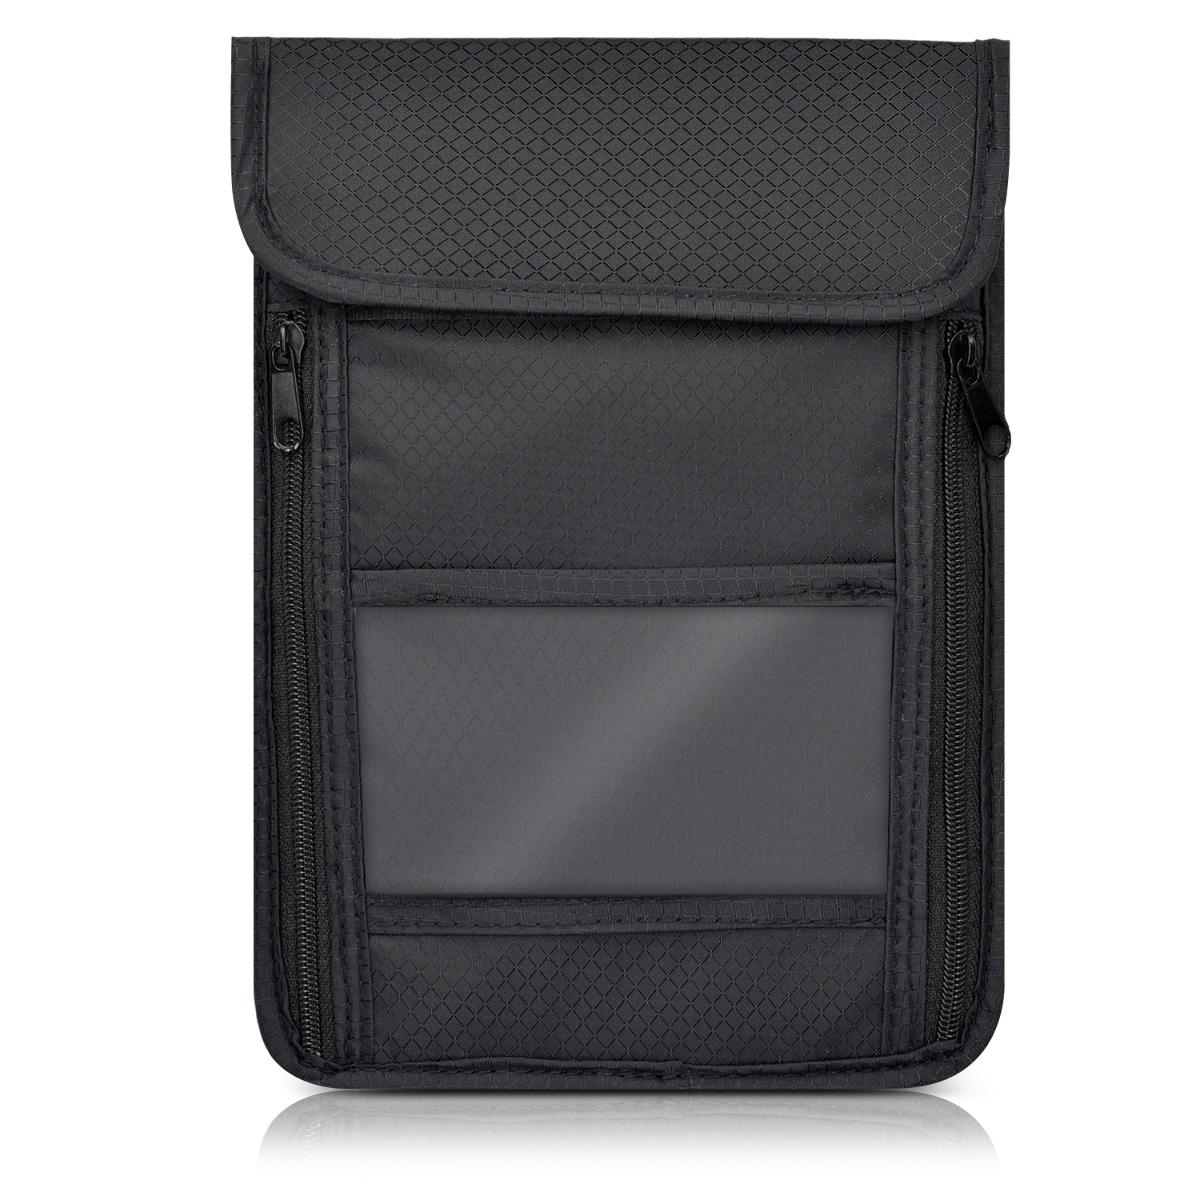 Schnelle Lieferung Coversafe™ Tm X75 Brustbeutel Von Pacsafe® Beschützer Mit Hohem Sicherheitsstand Herren-accessoires Brustbeutel & -taschen